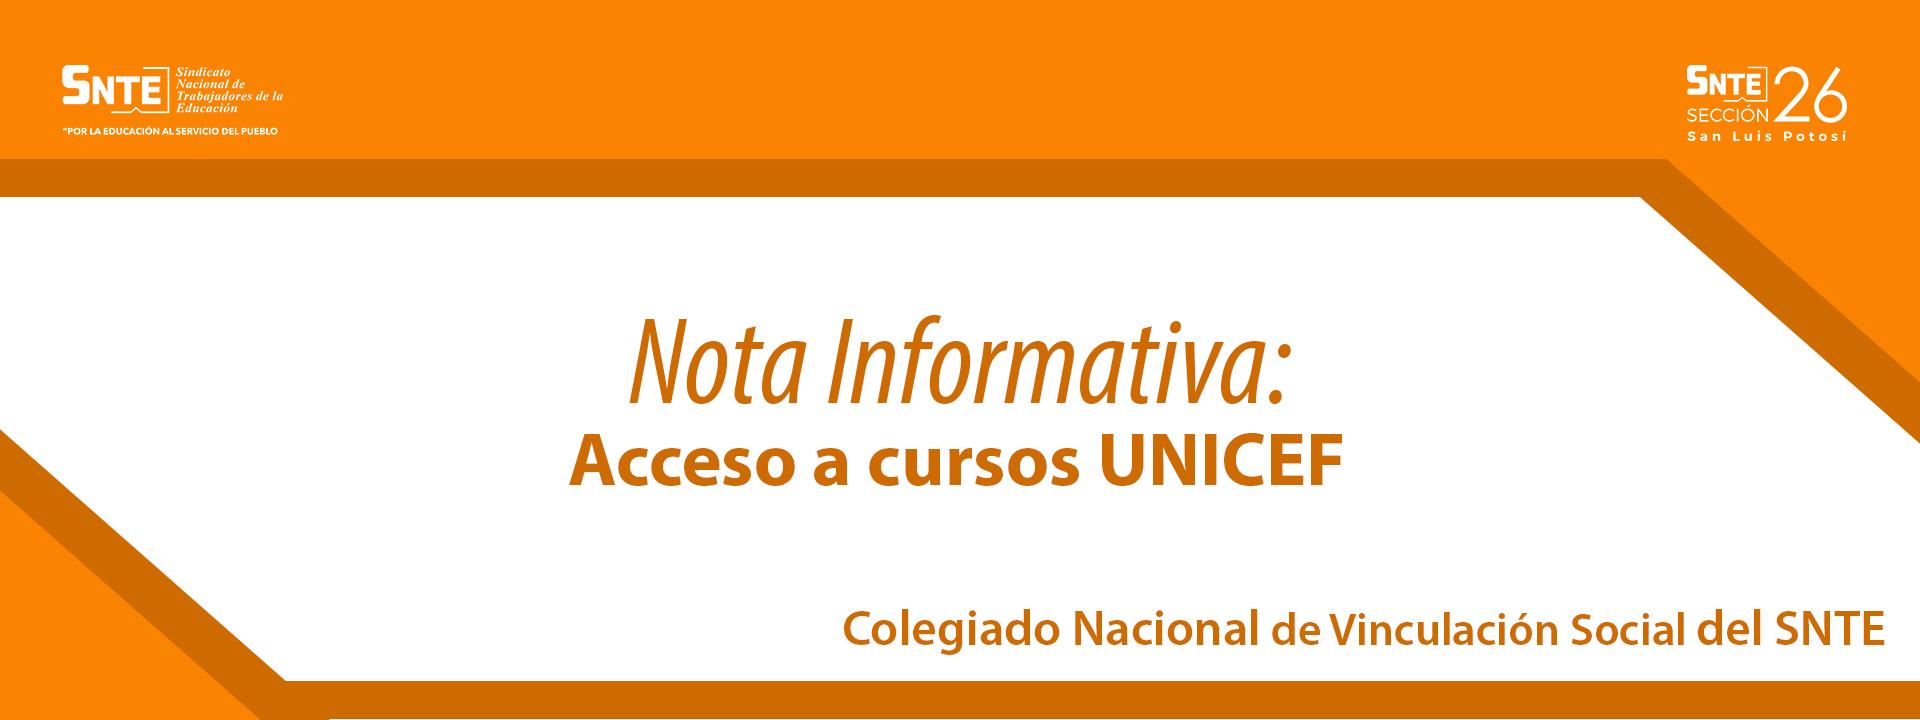 Nota Informativa: Acceso a cursos UNICEF